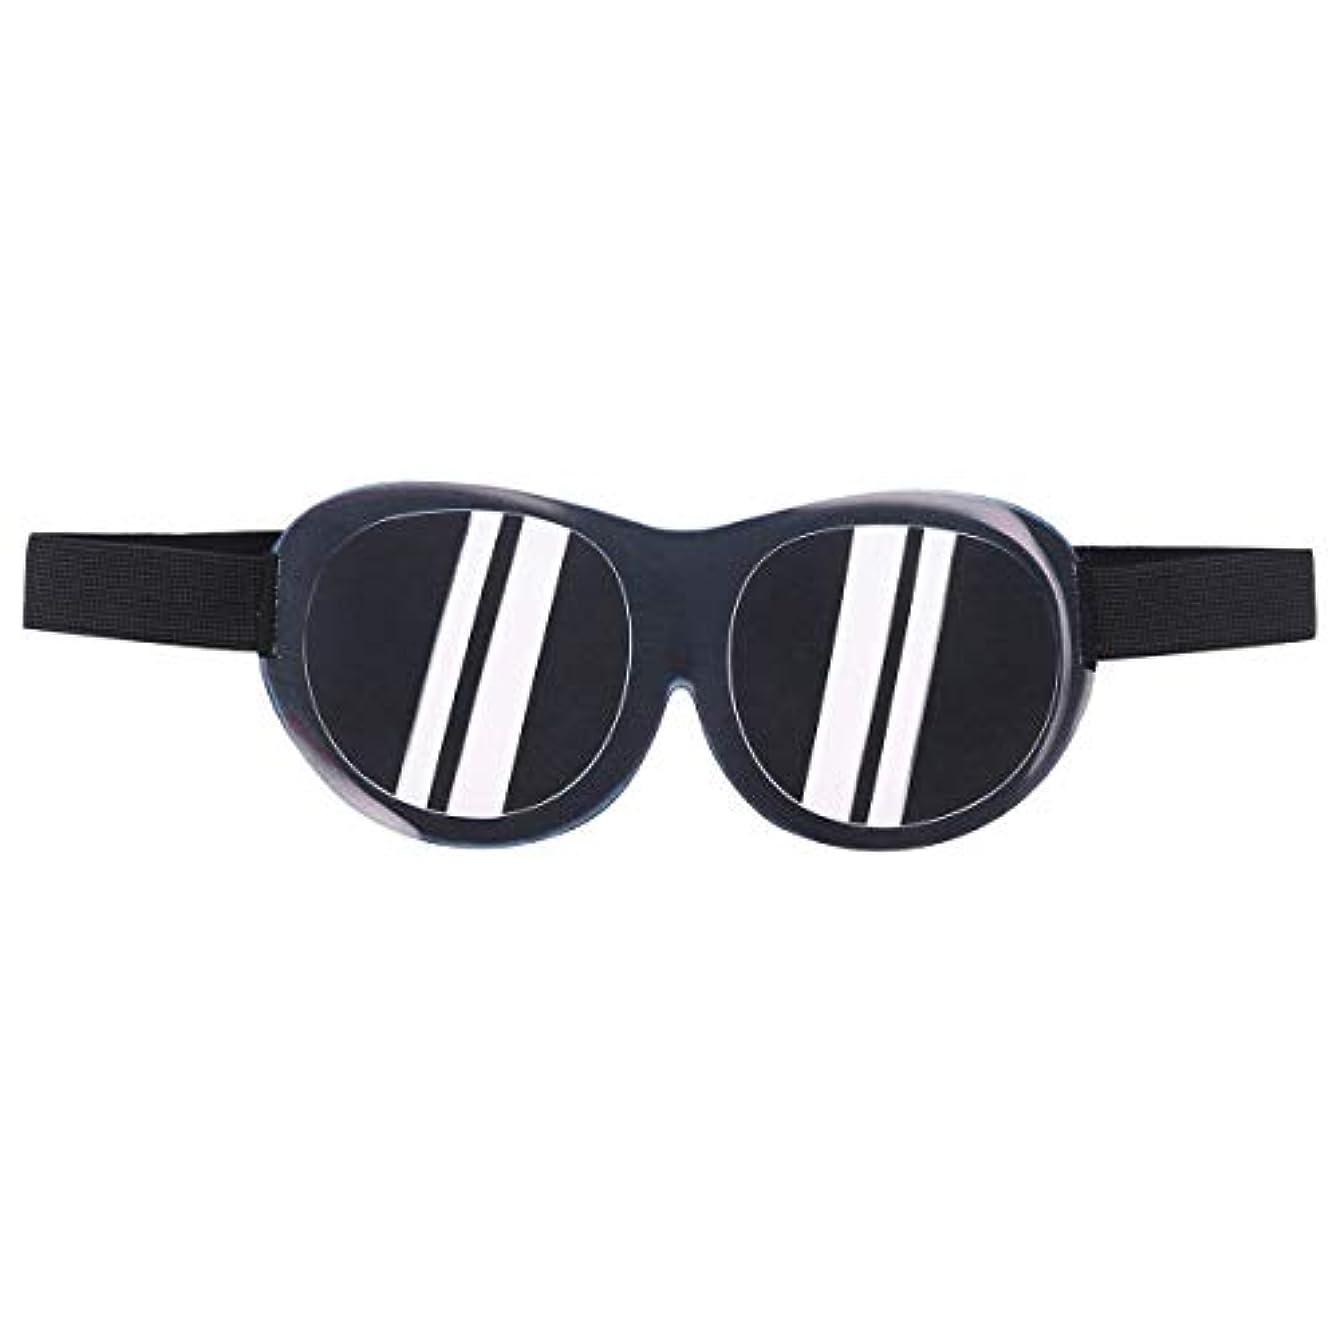 ゾーン動力学恐れるHealifty 3D面白いアイシェード睡眠マスク旅行アイマスク目隠し睡眠ヘルパーアイシェード男性女性旅行昼寝と深い睡眠(サングラスを装ったふりをする)